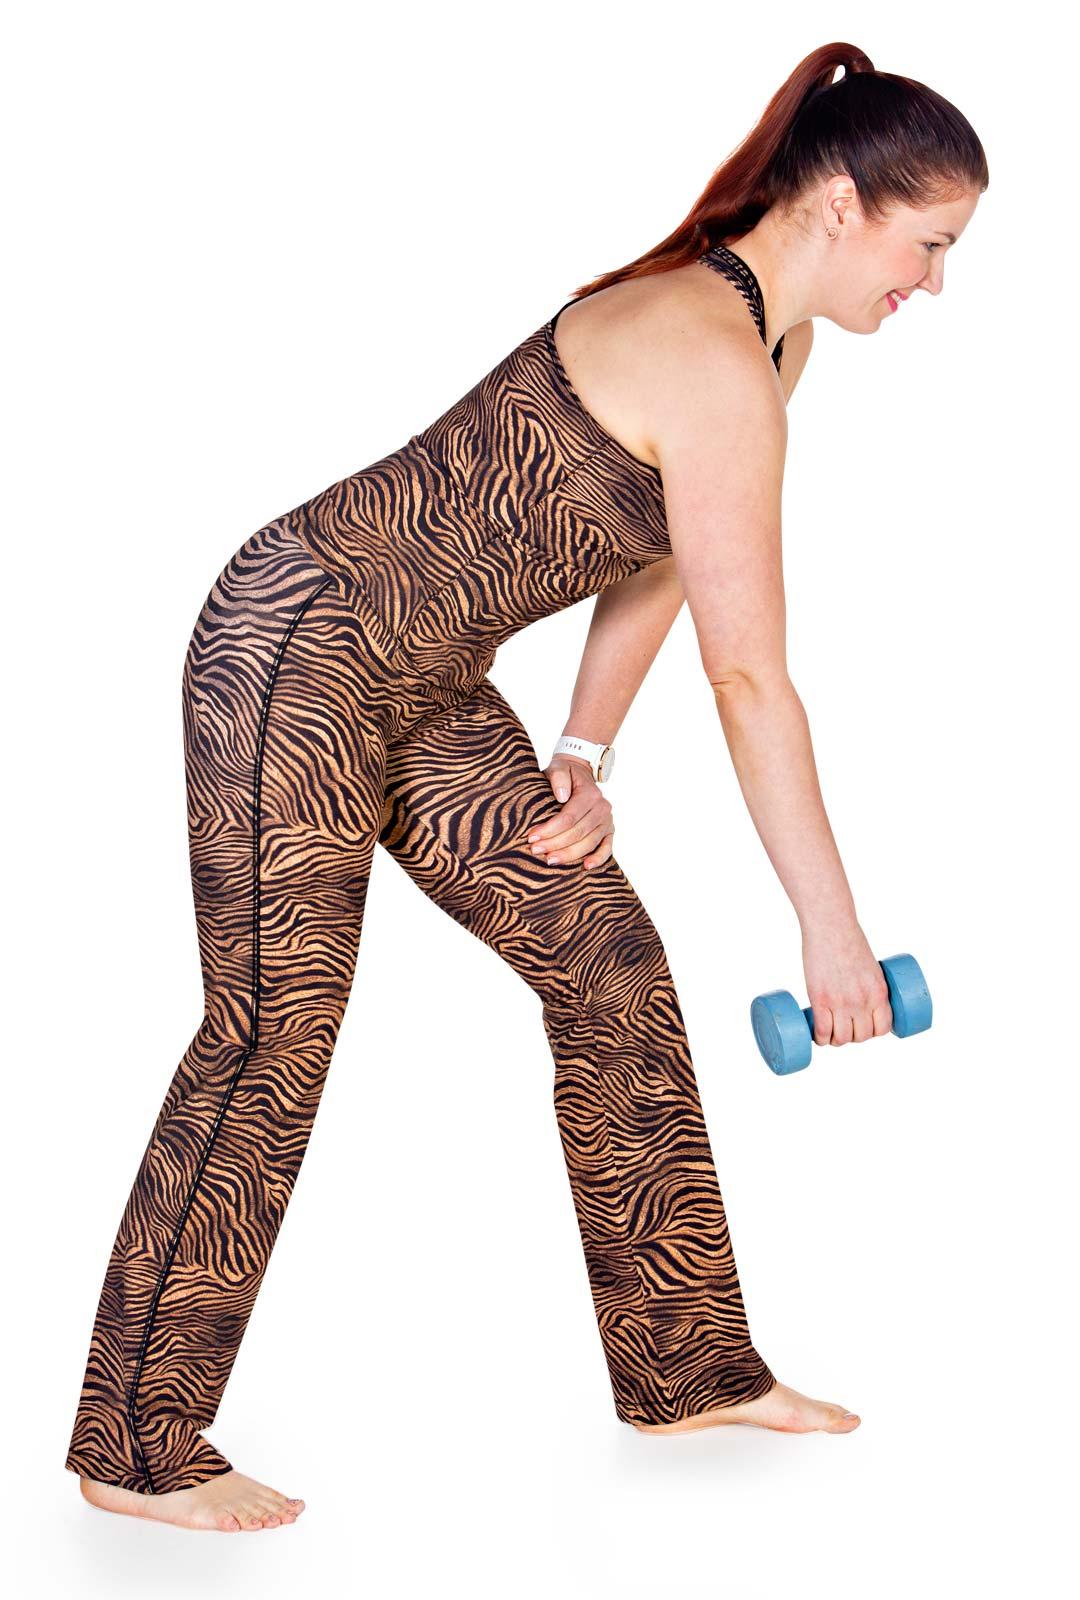 Jäätyneen olkapään hoito liikunnan avulla